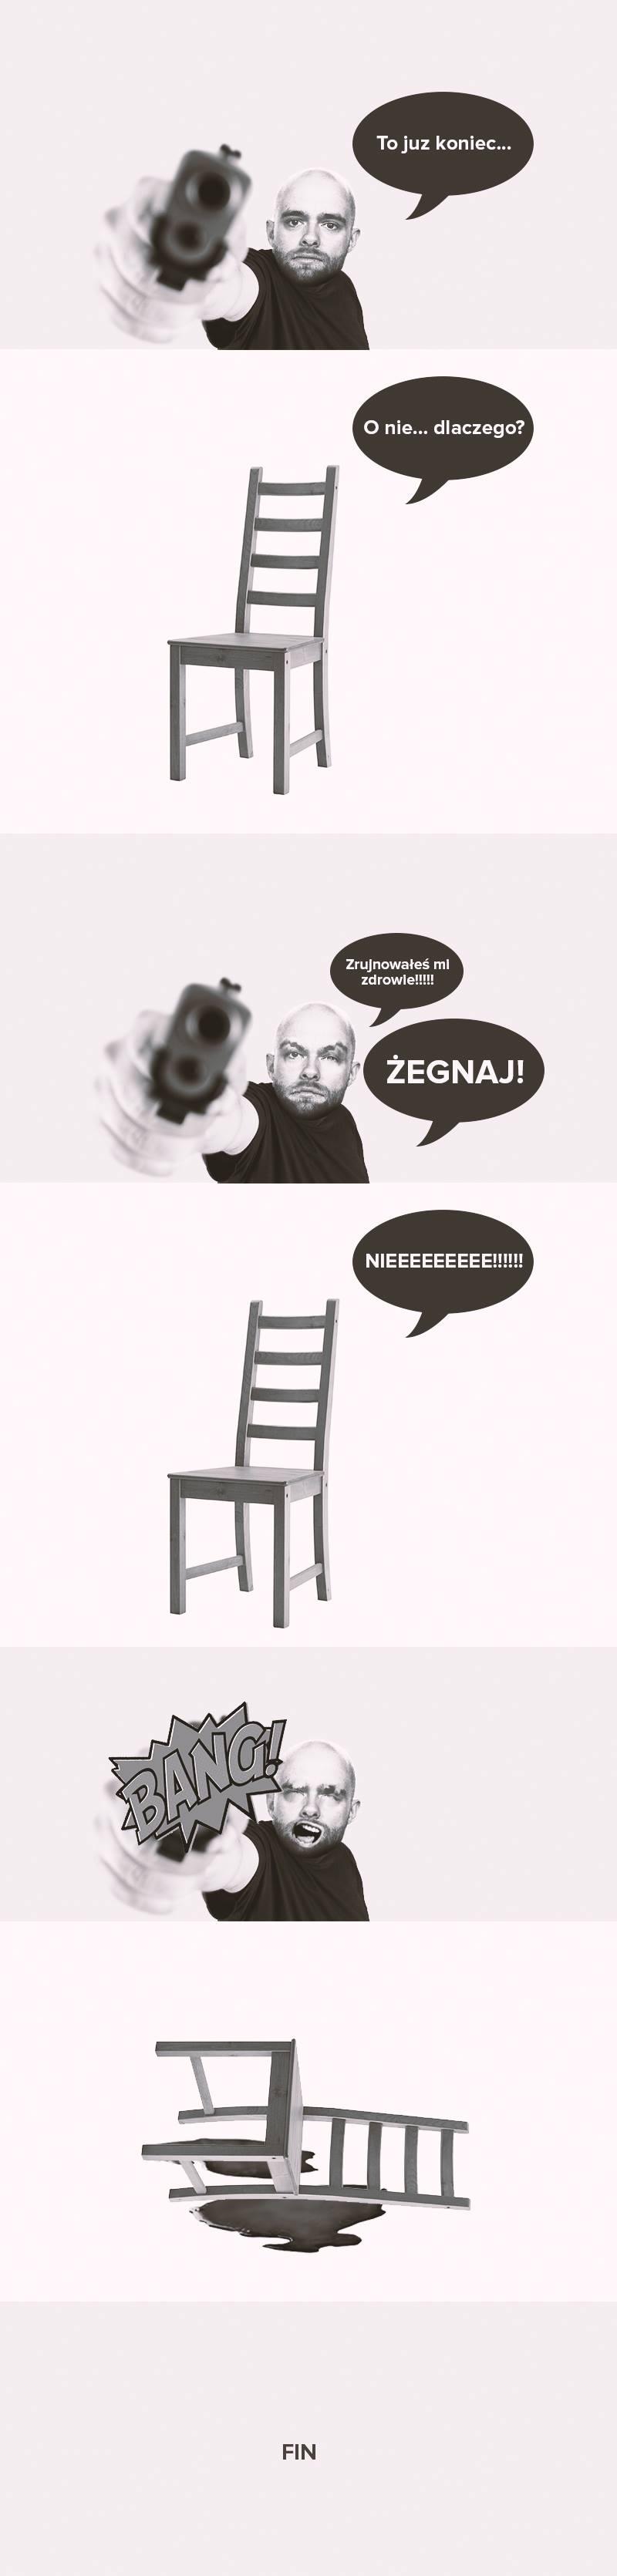 krzeslooo